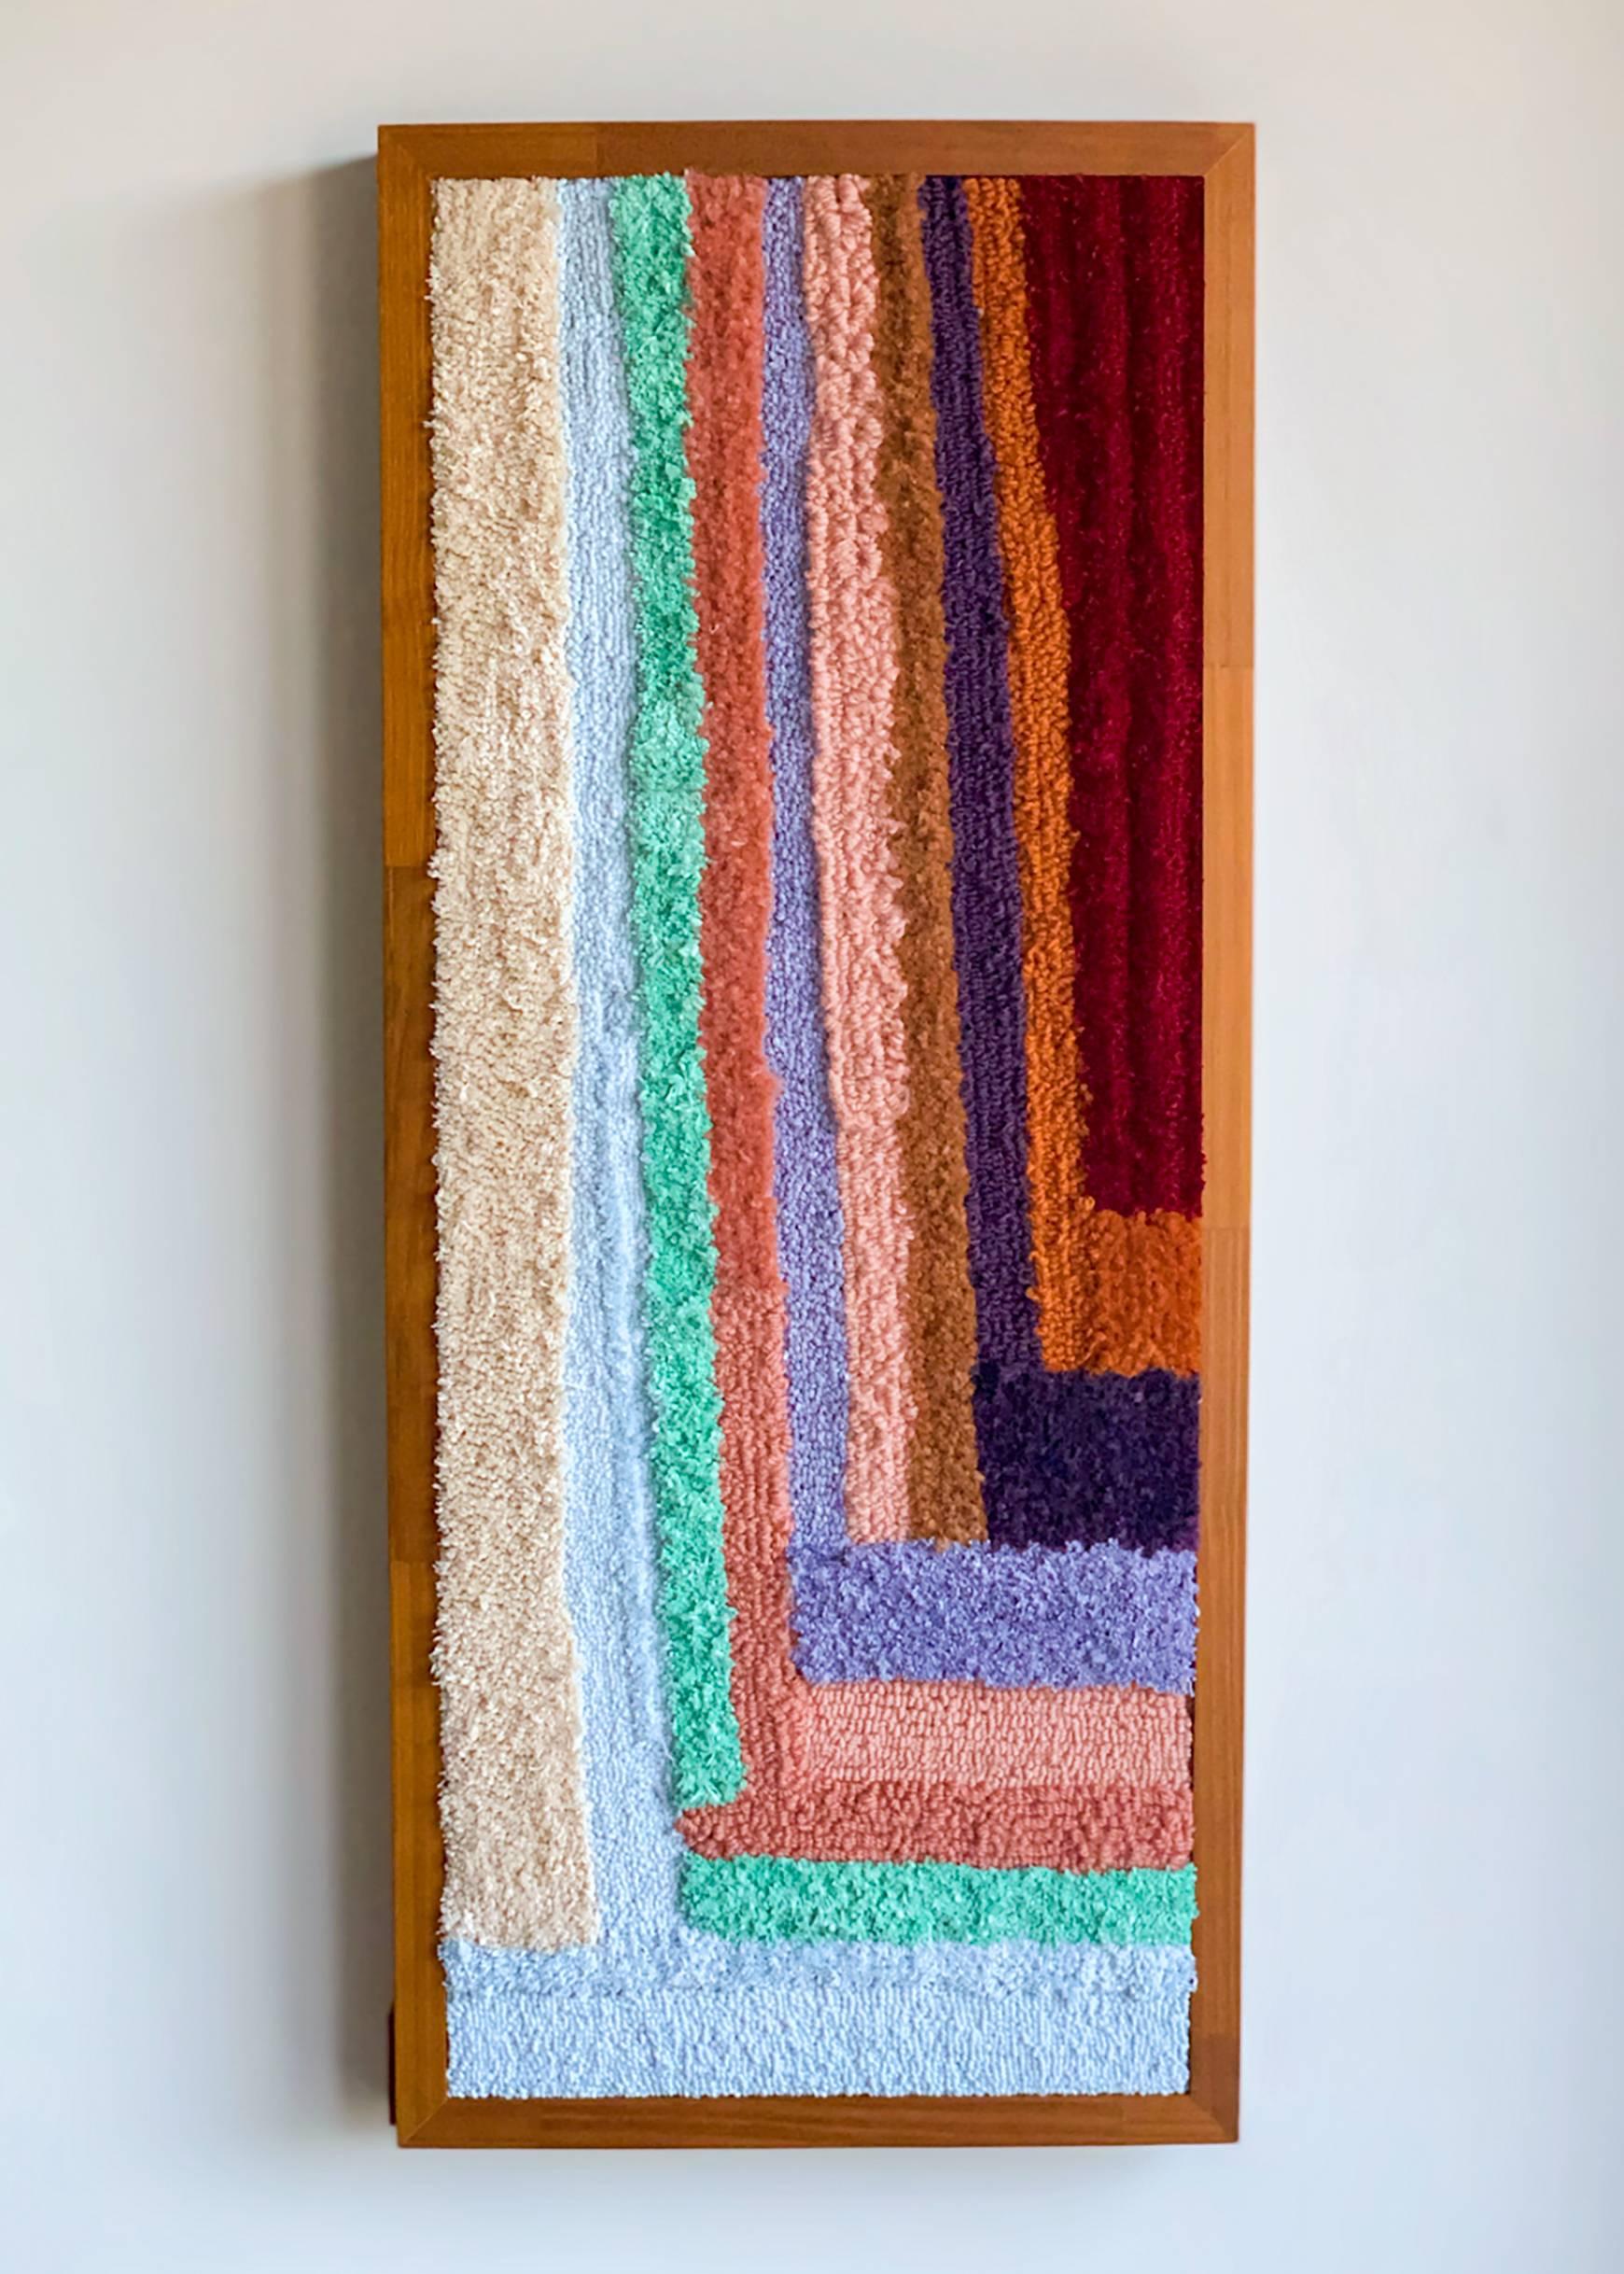 Os tapetes de tricô do designer Alex Rocca trazem cores e texturas aos ambientes. Foto: Divulgação